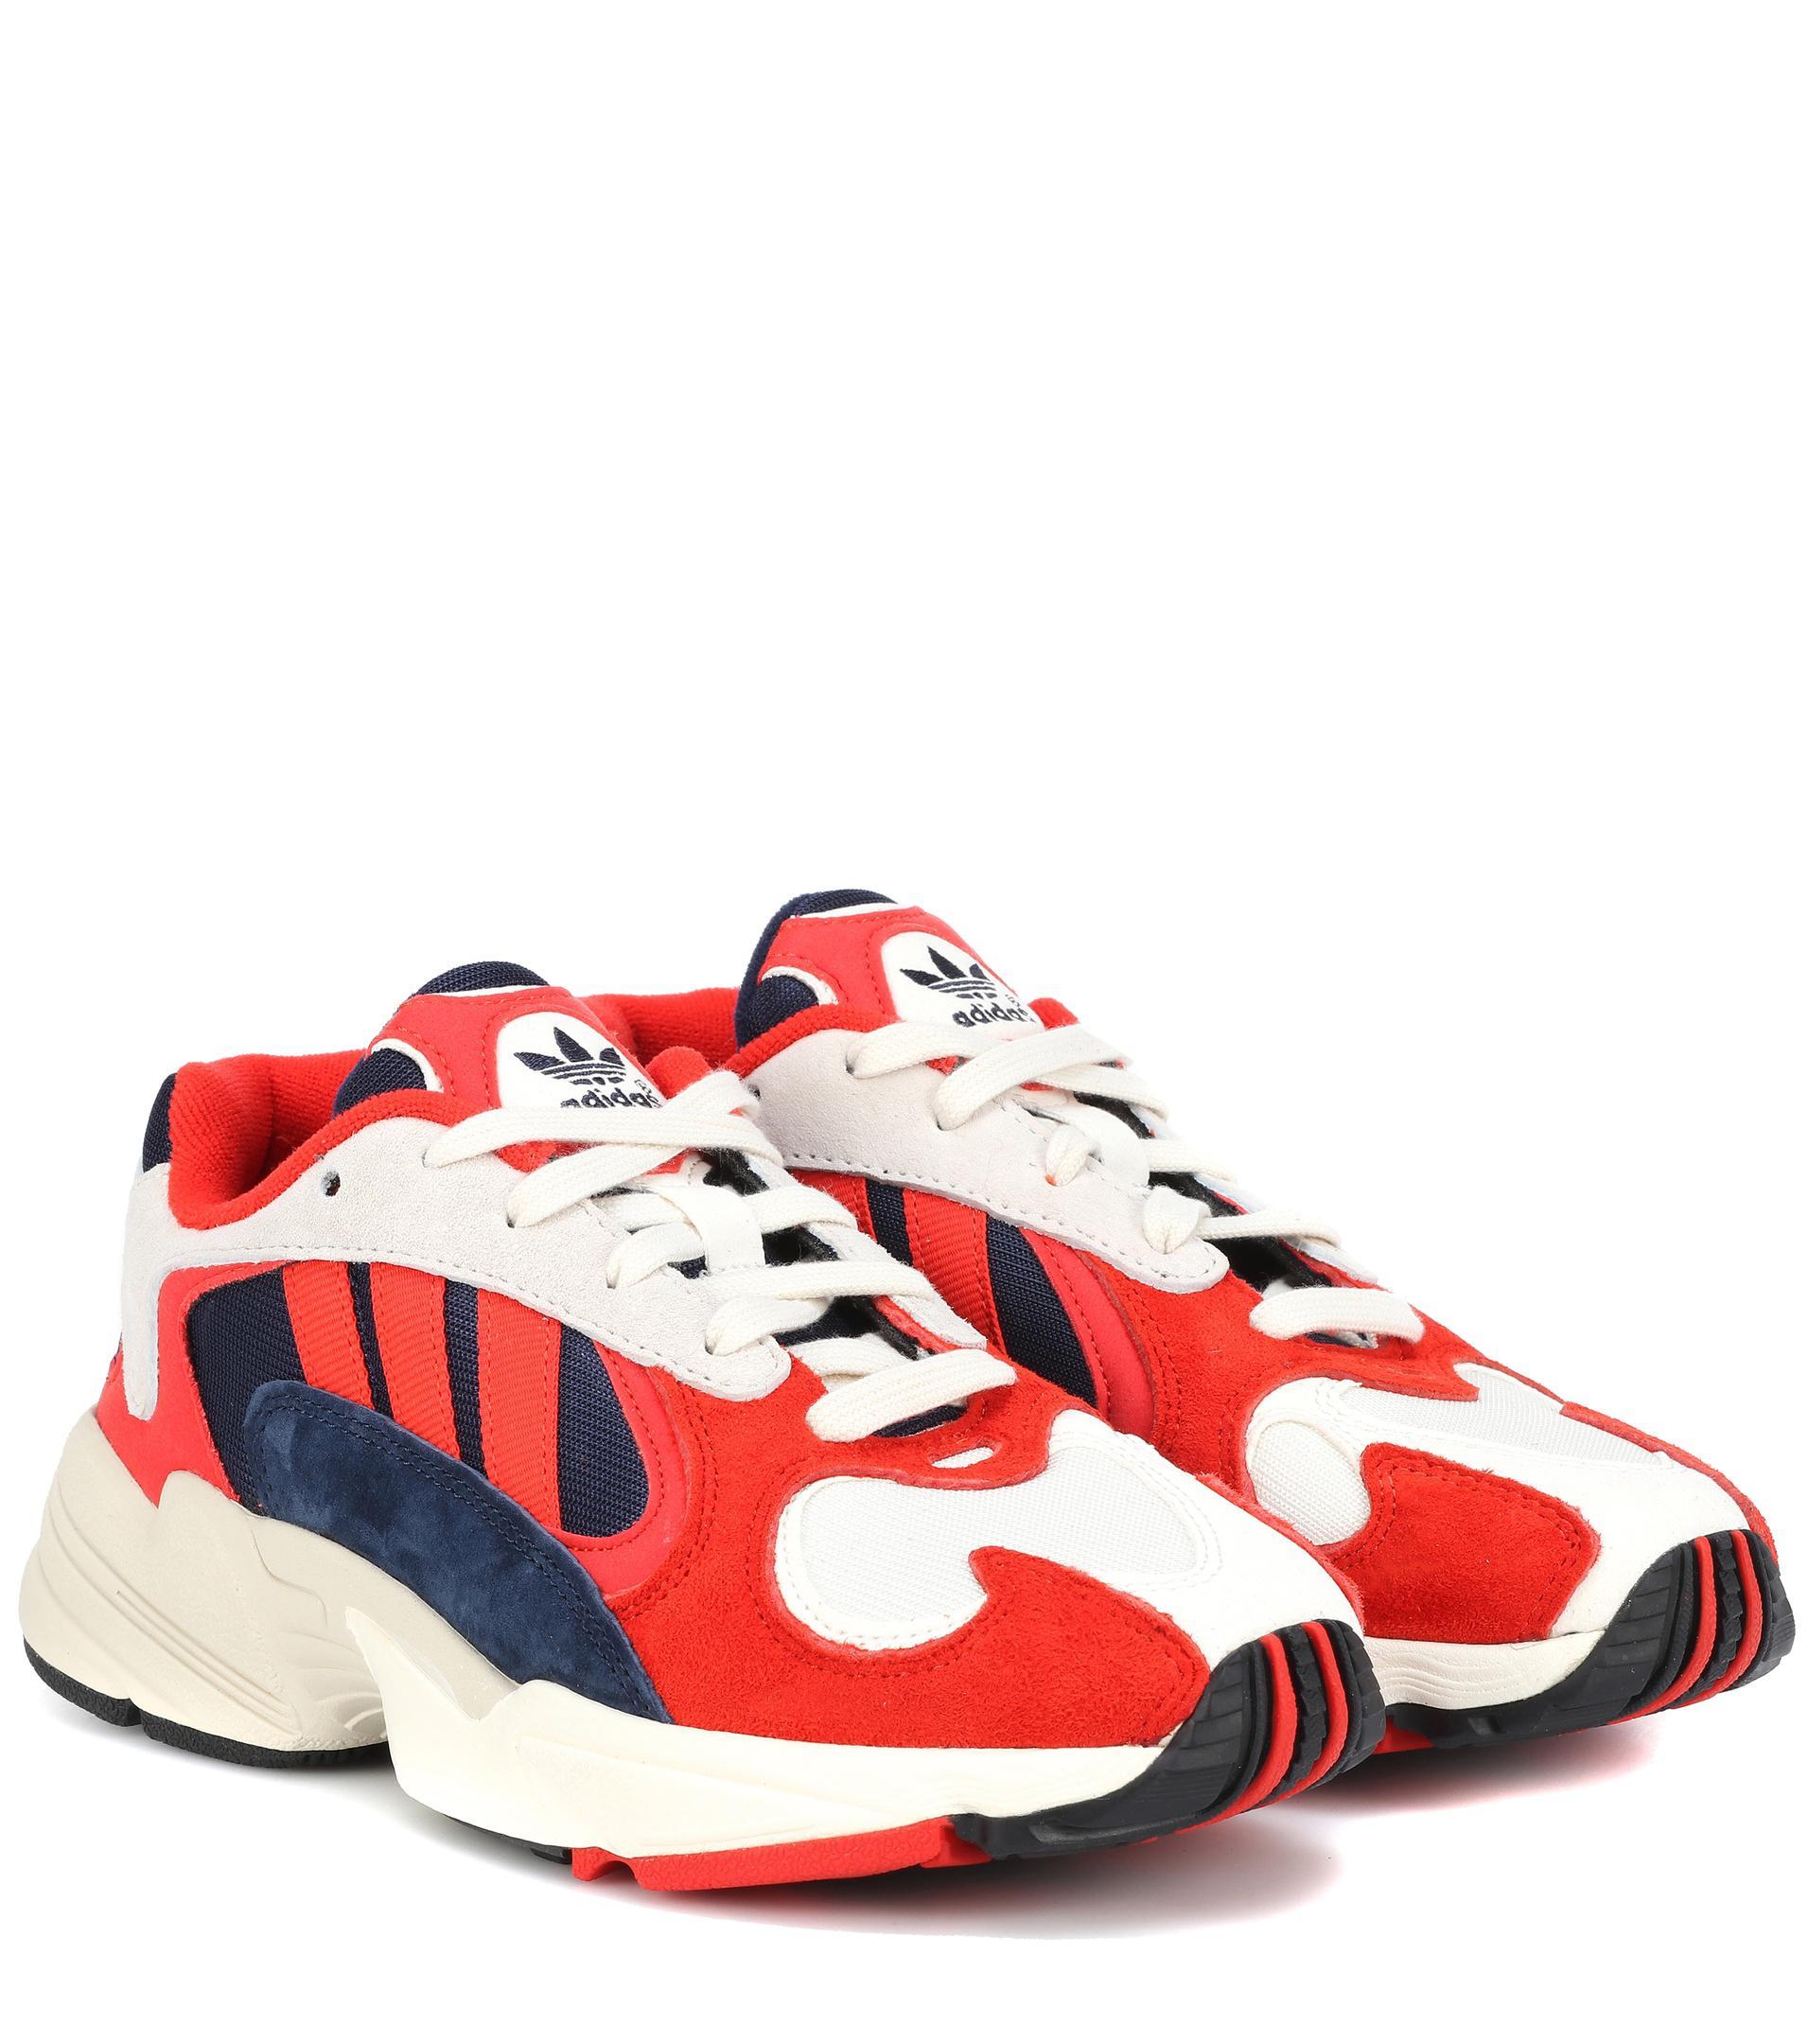 Lyst - Zapatillas de nobuk Yung 1 adidas Originals de color Rojo dd582f8c854